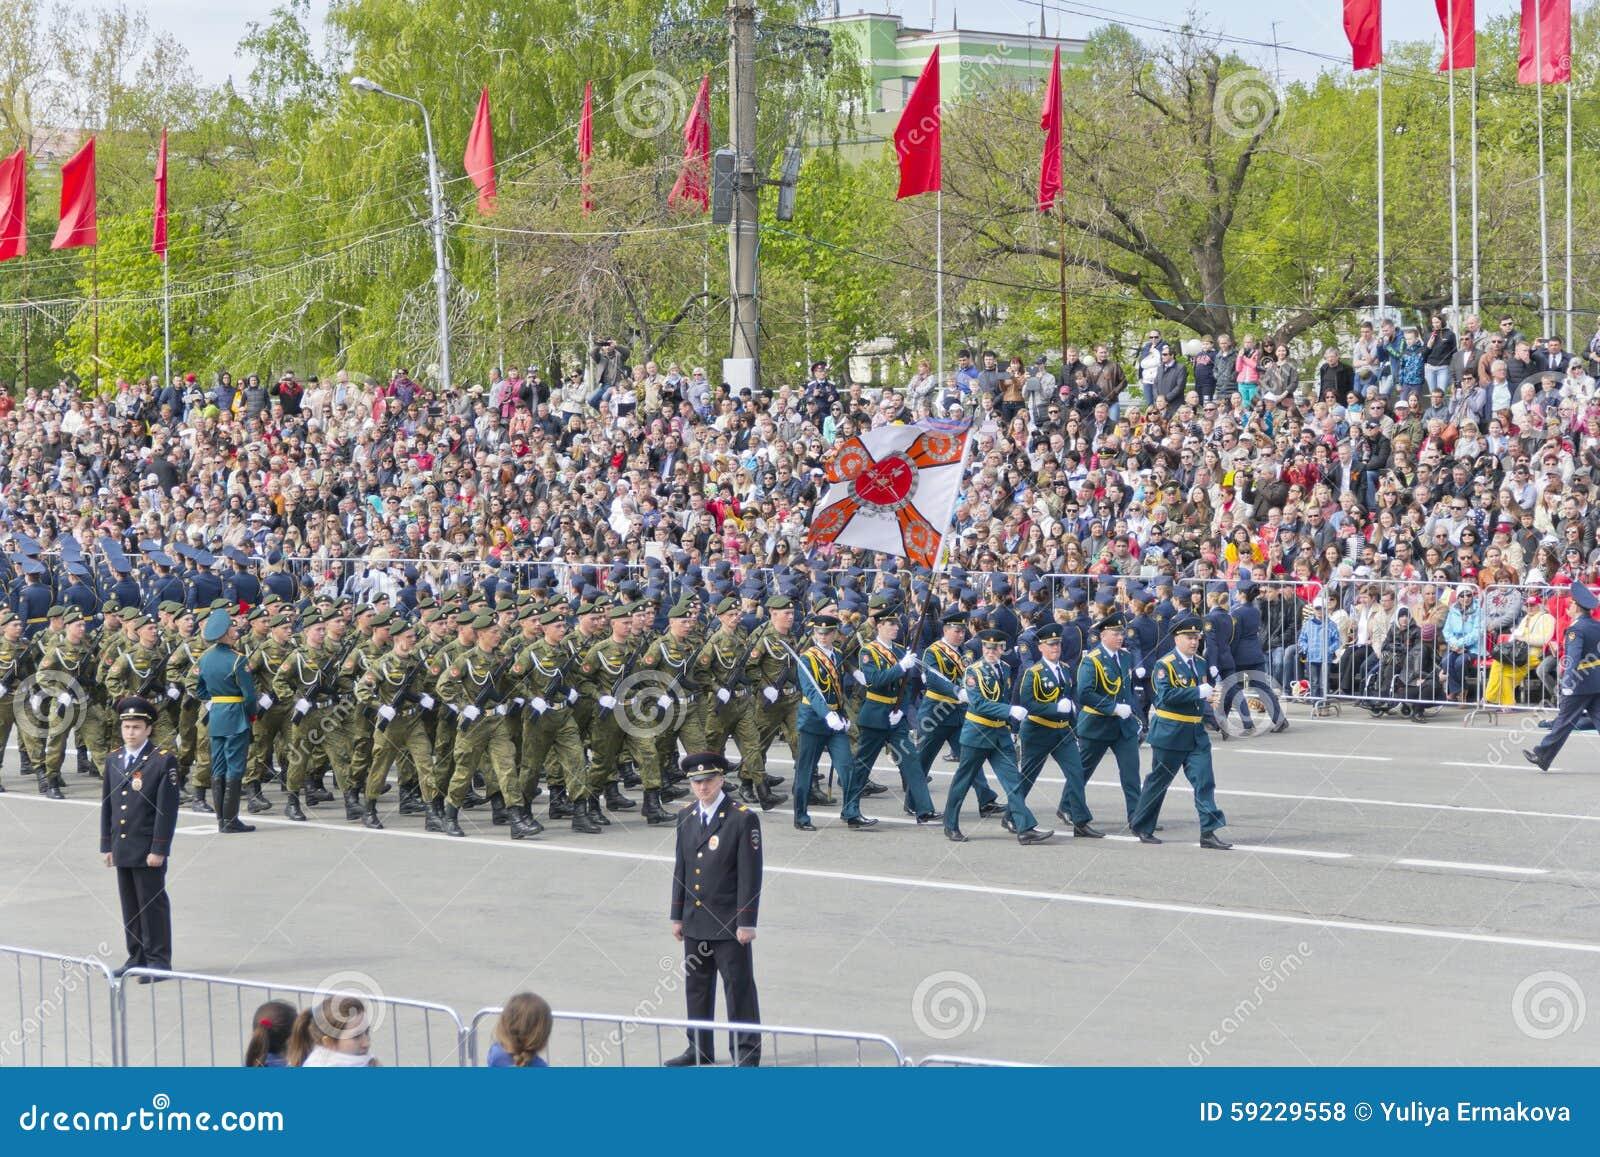 Download Los Soldados Rusos Marchan En El Desfile En Victory Day Anual Foto de archivo editorial - Imagen de marinero, indicador: 59229558